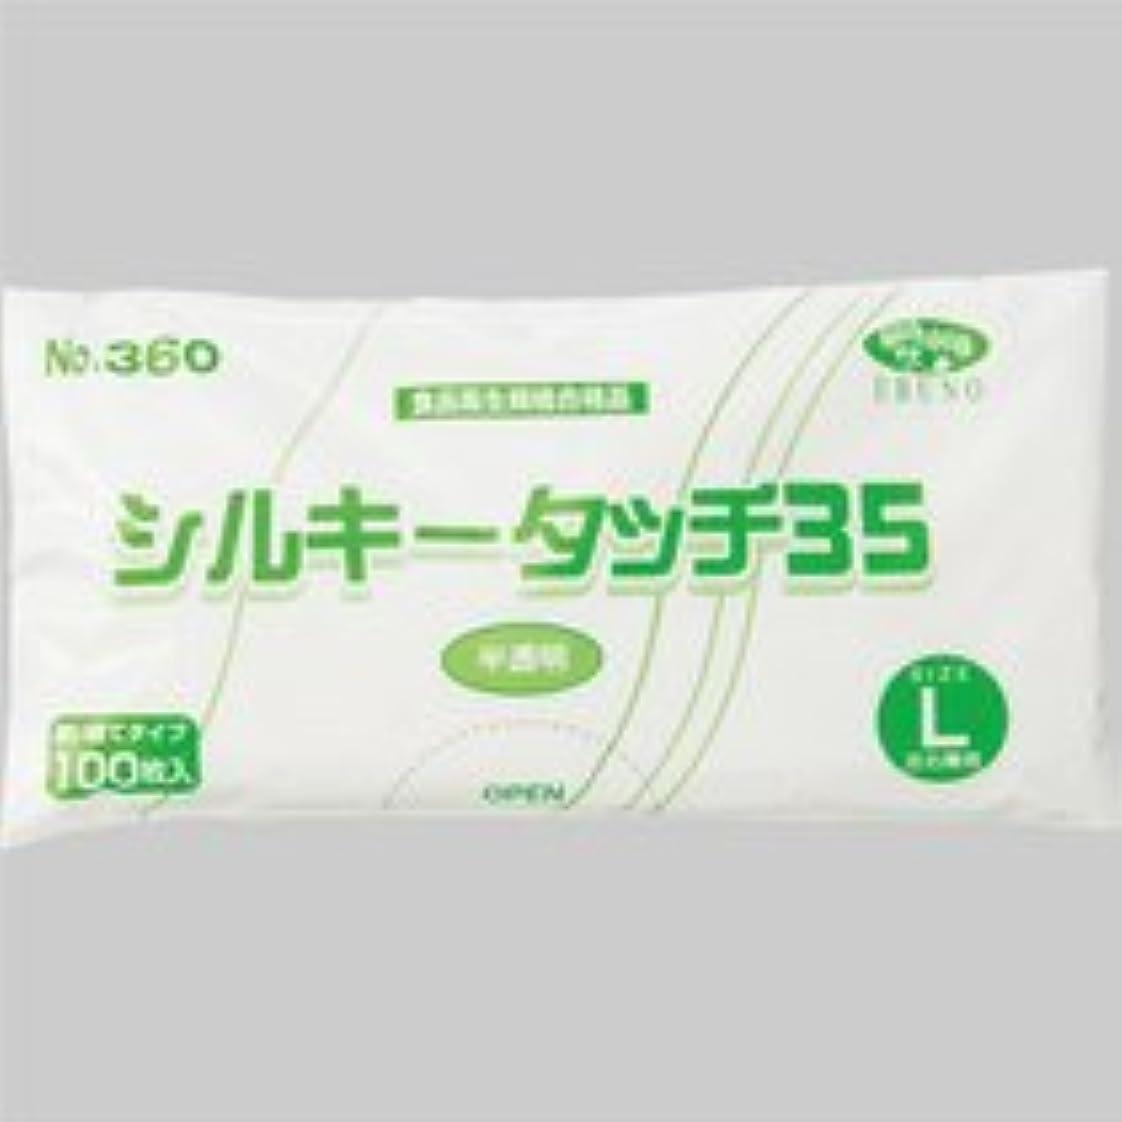 拮抗実験室適合するエブノ ポリエチレン手袋 シルキータッチ35 半透明 L NO-360 1セット(1000枚:100枚×10パック)